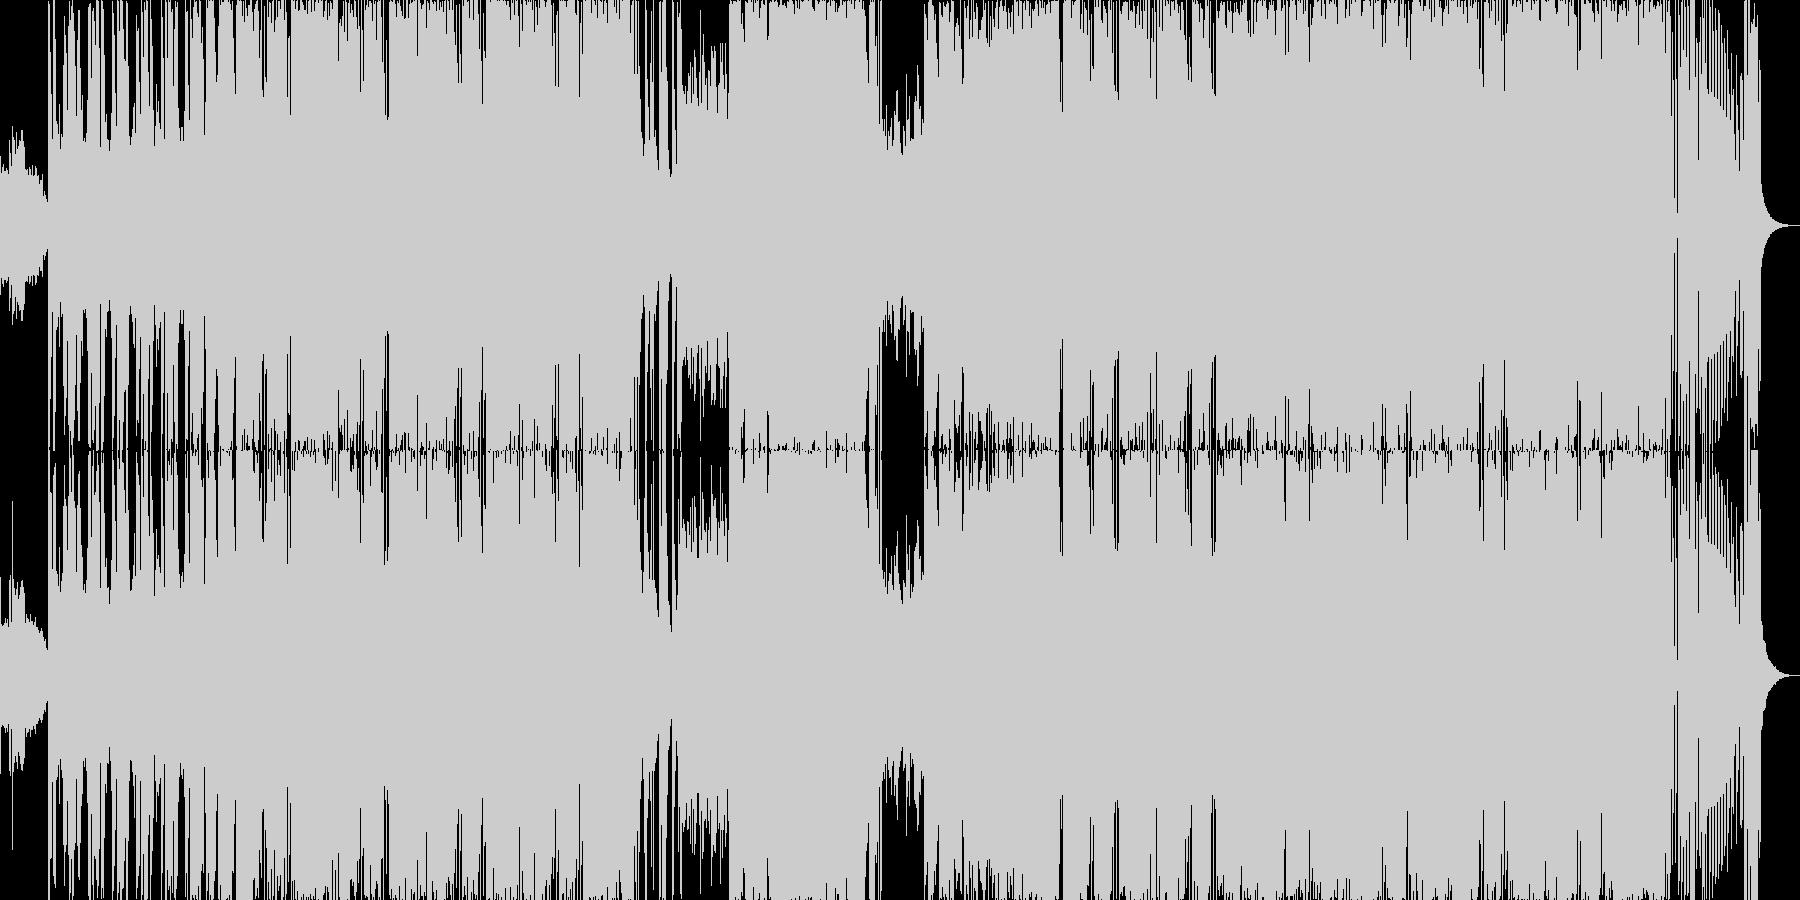 カッコいいサウス系HipHopの未再生の波形